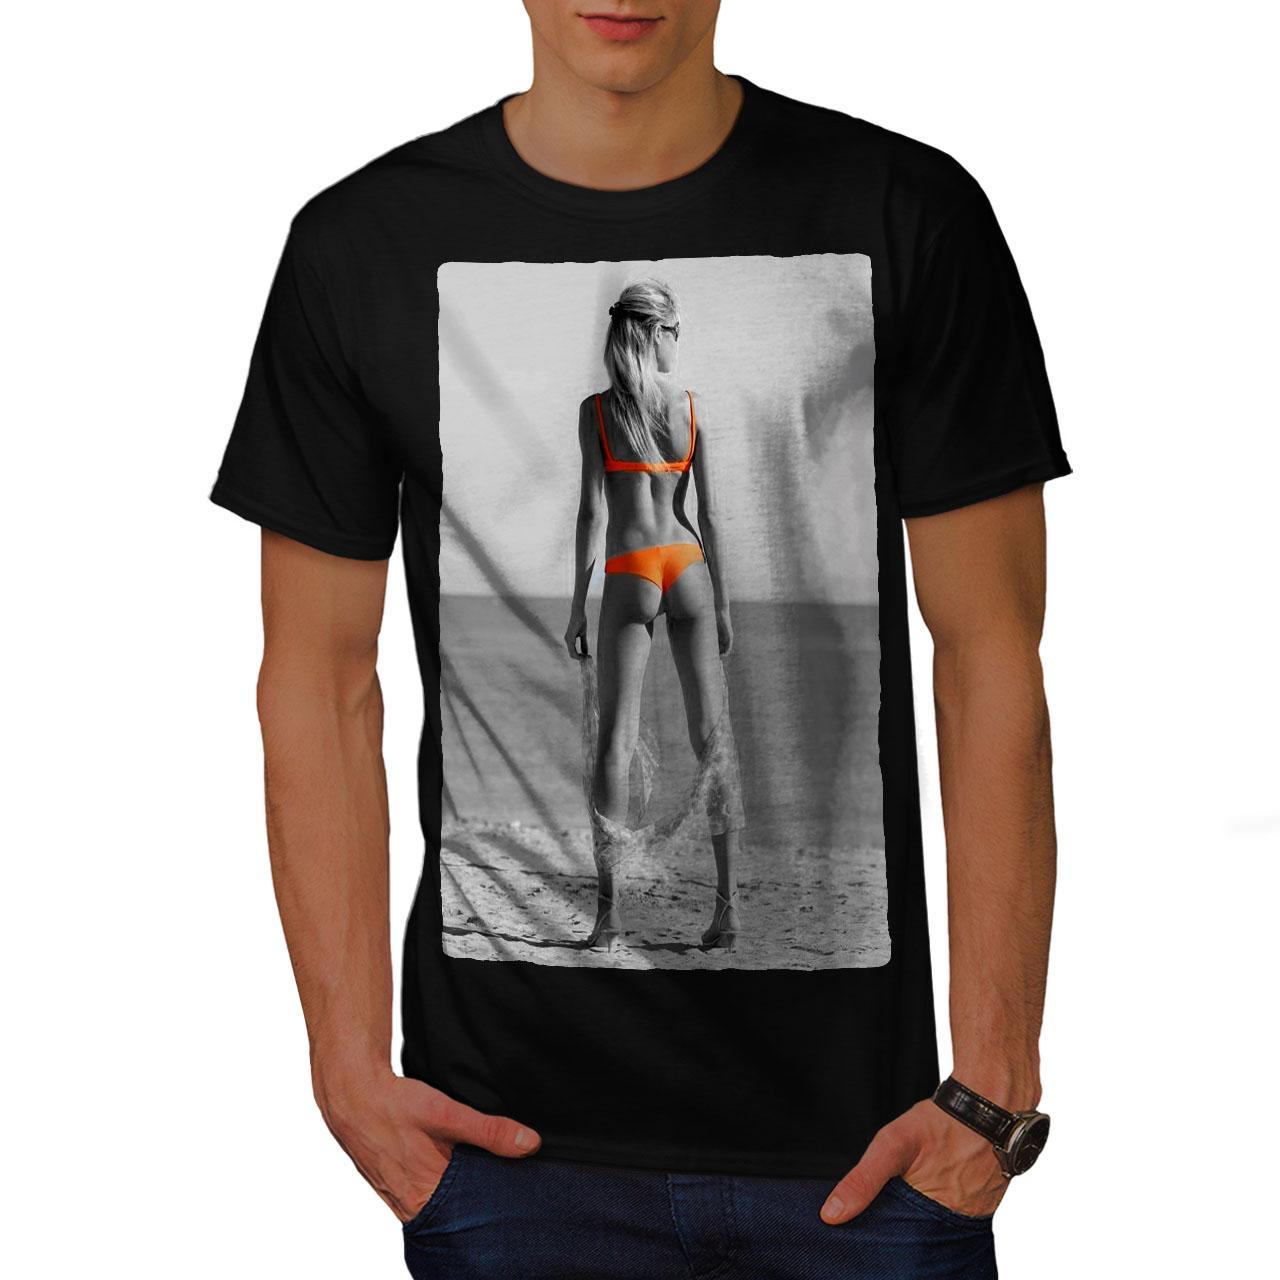 c7385dbf7 Wellcoda Beach Girl Bikini Sexy Mens T-shirt, Orange Graphic Design ...